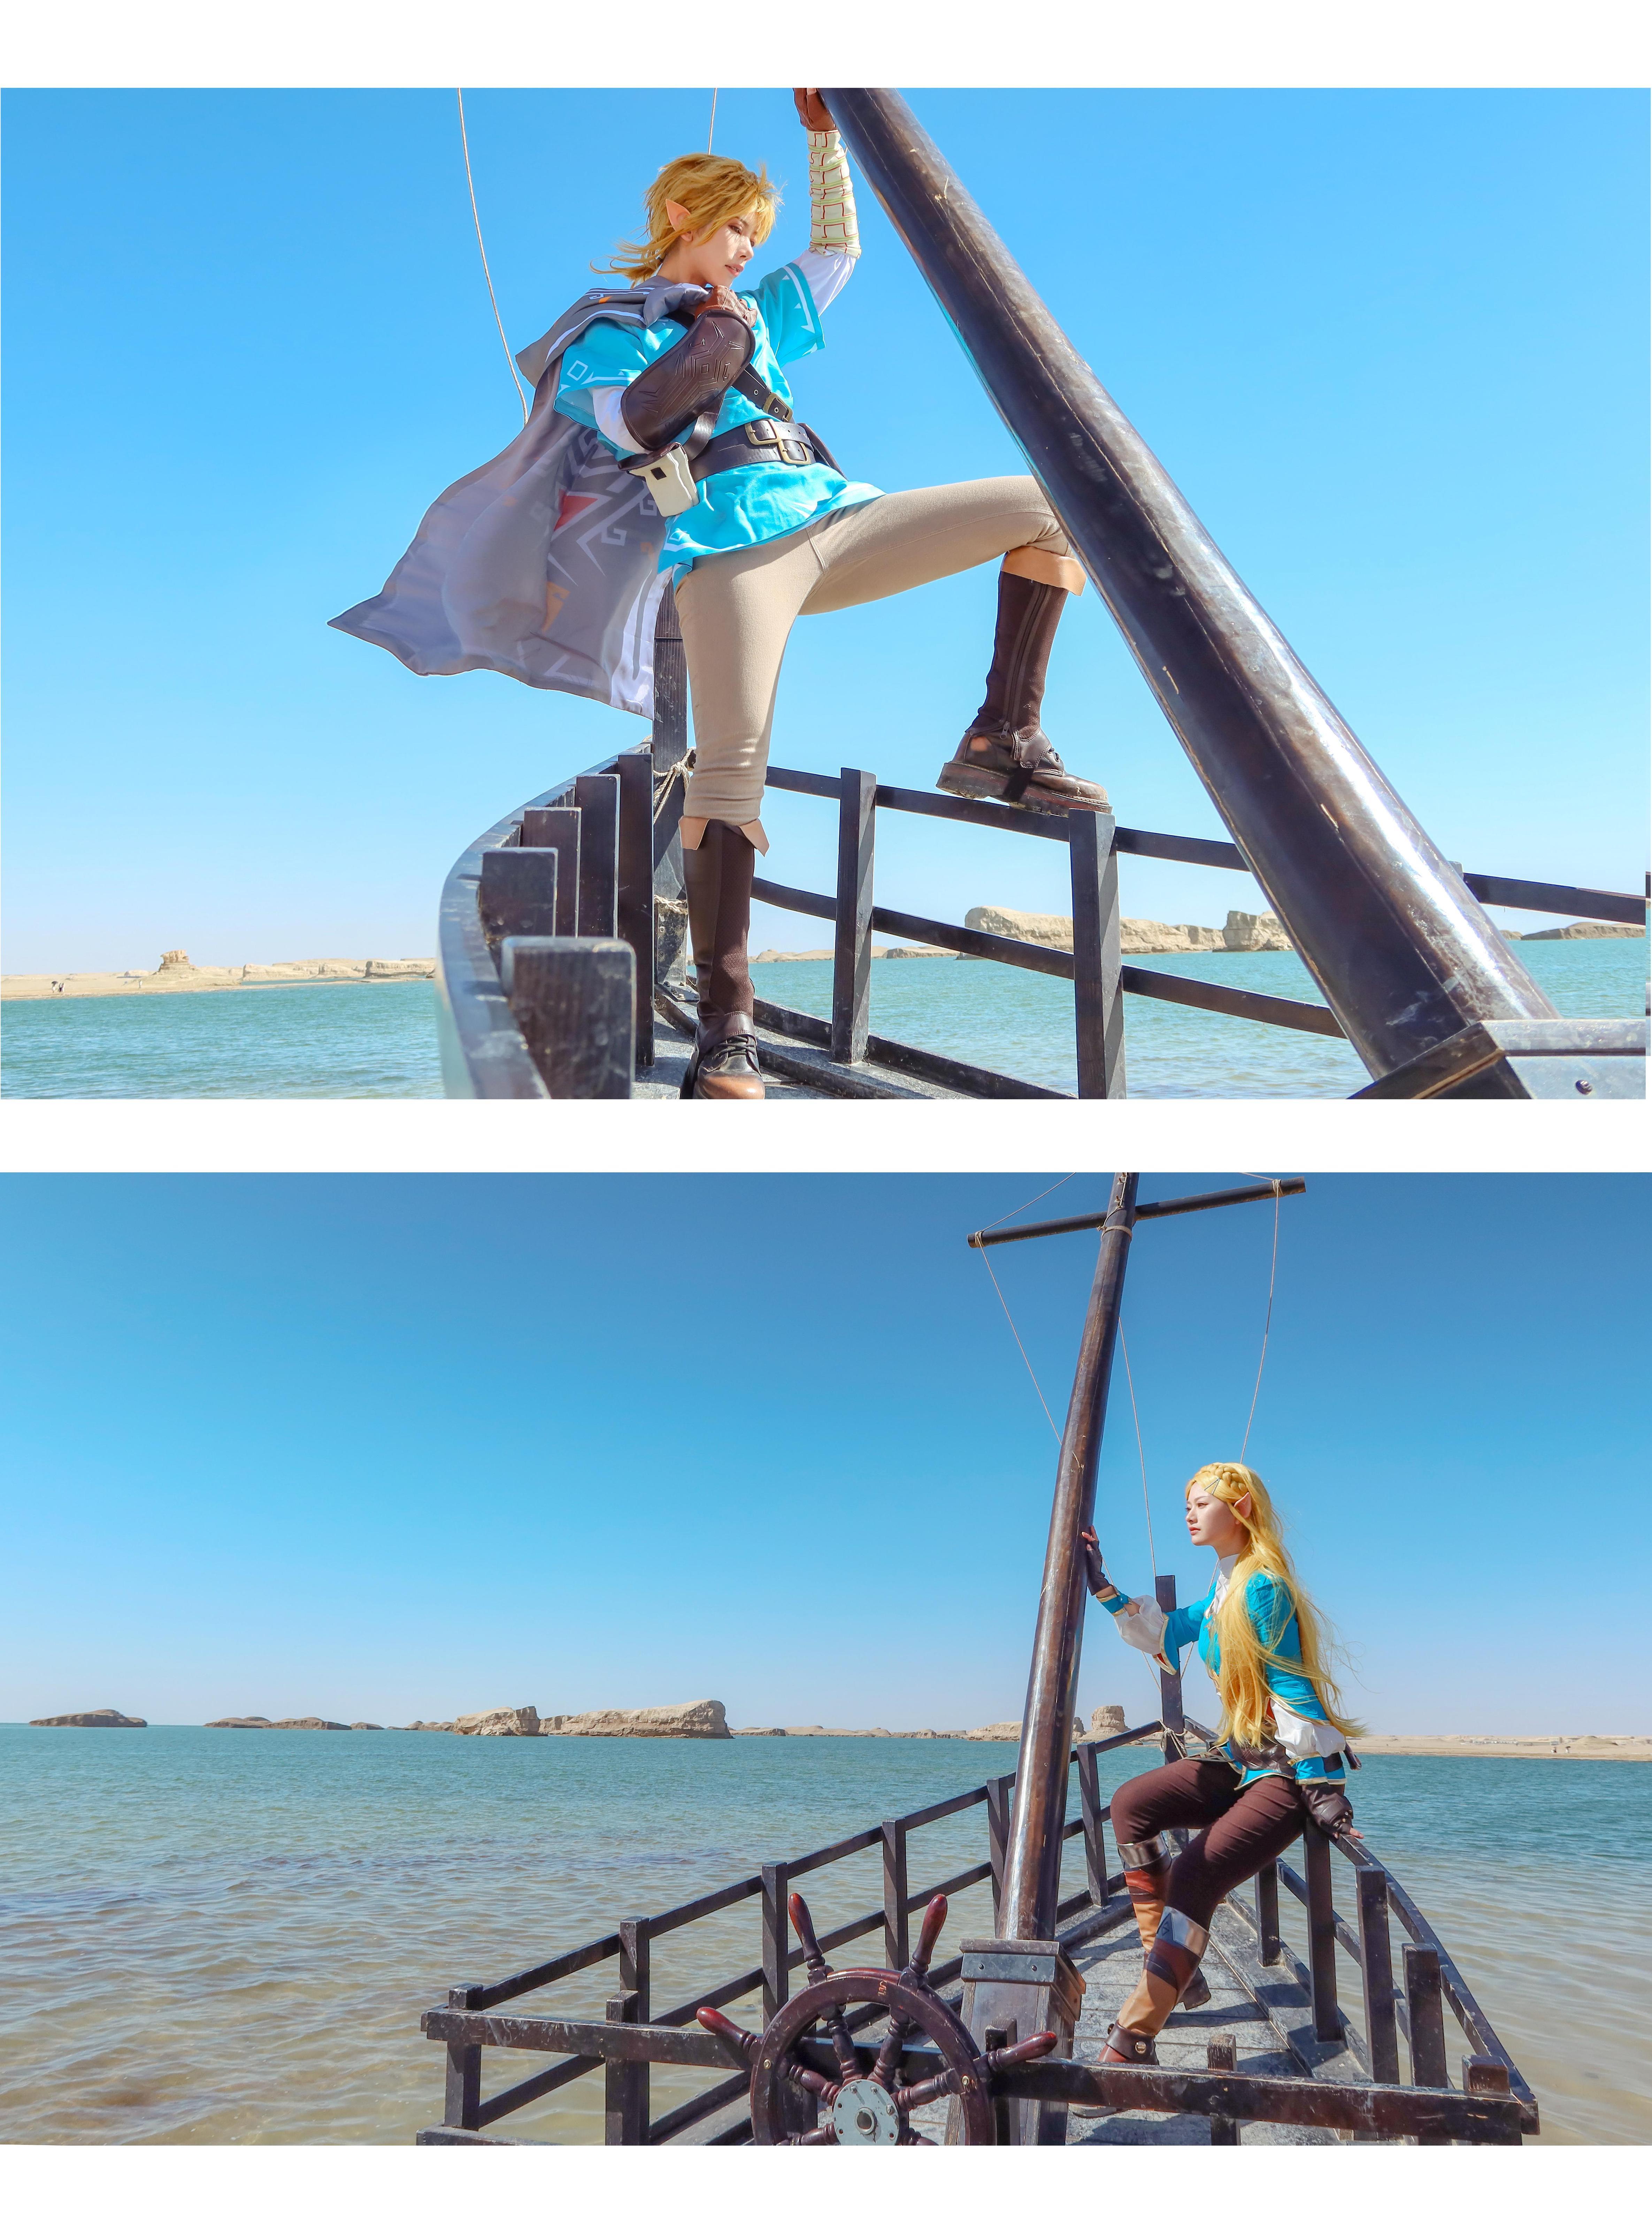 《塞尔达传说》林克cosplay【CN:無色】-第1张